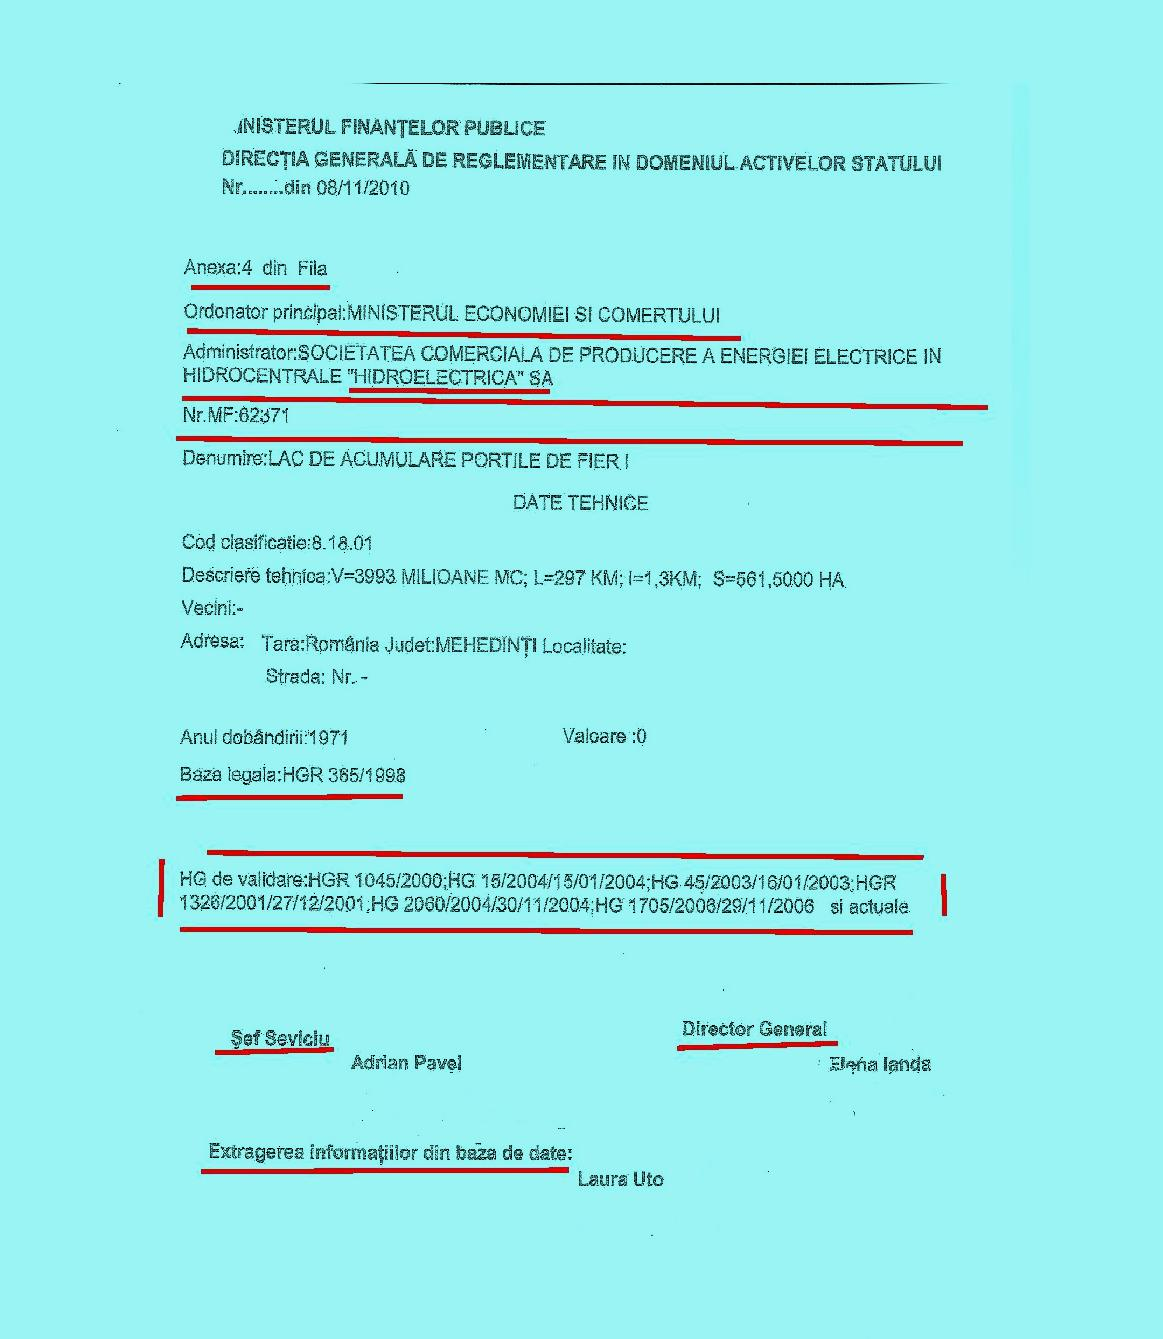 2.RASPUNSUL MINISTERULUI FINANTELOR - TERENURILE APARTIN STATULUI ROMAN